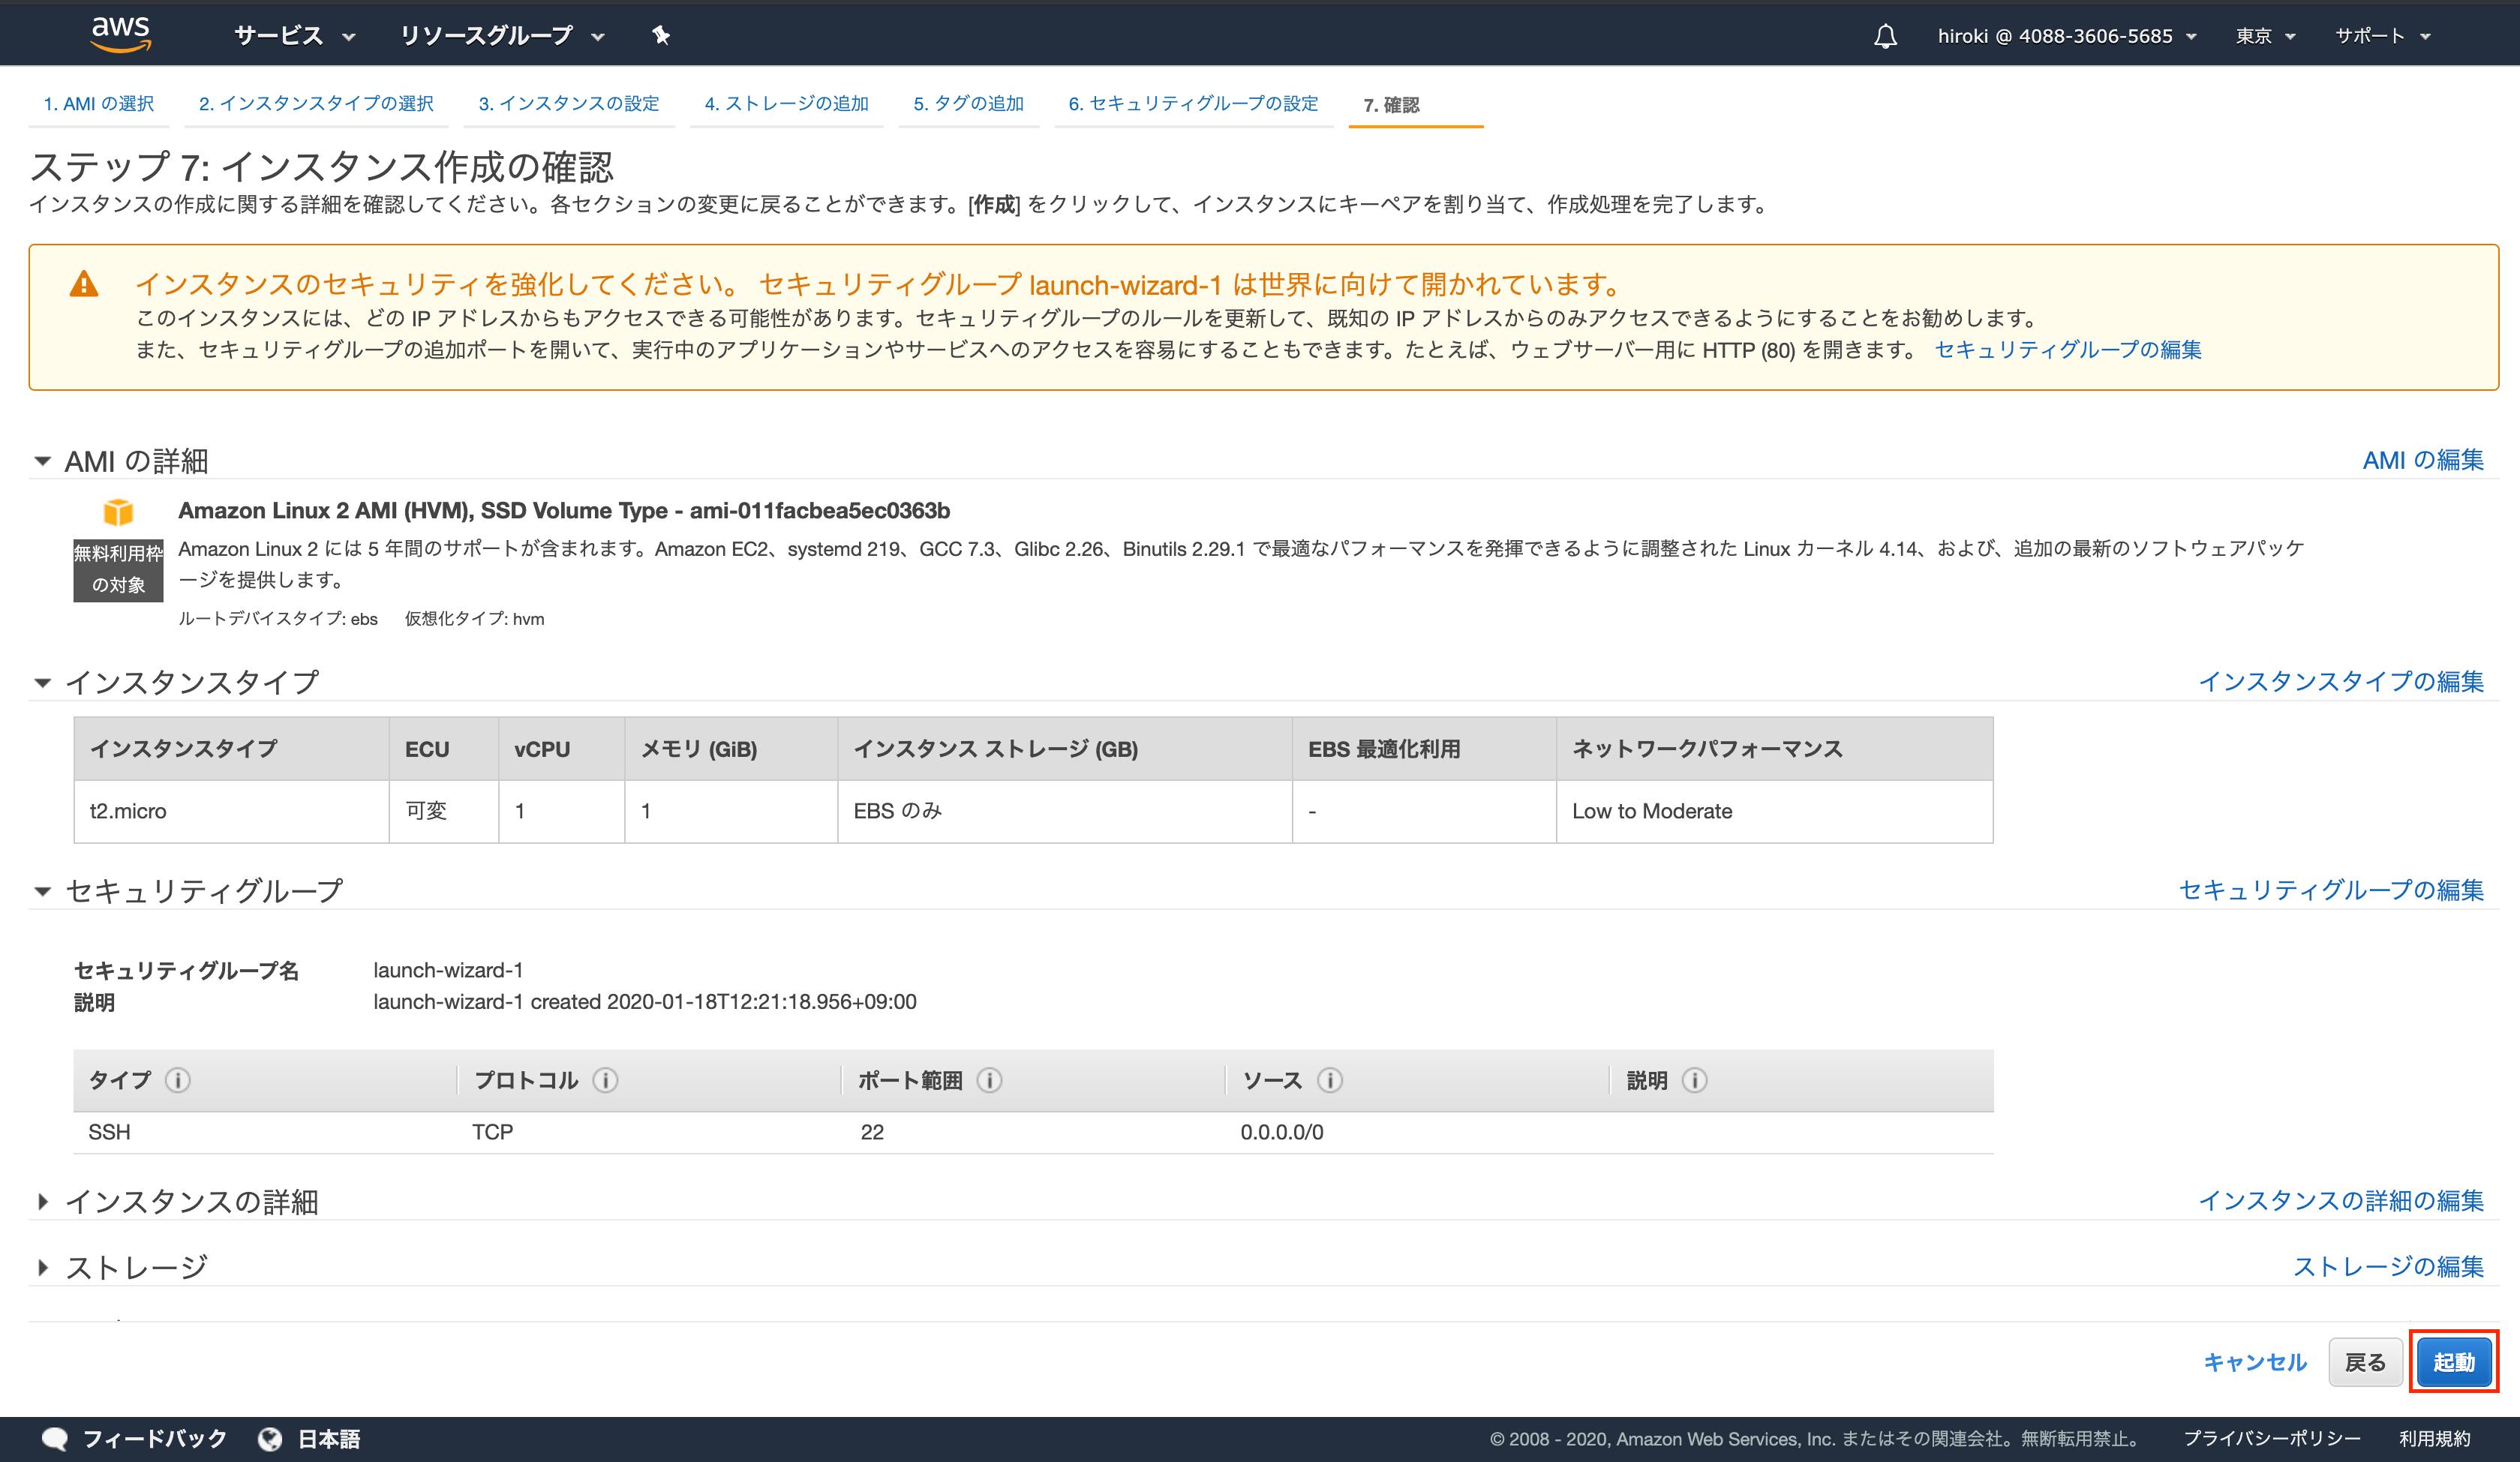 スクリーンショット 2020-01-18 13.21.46.png